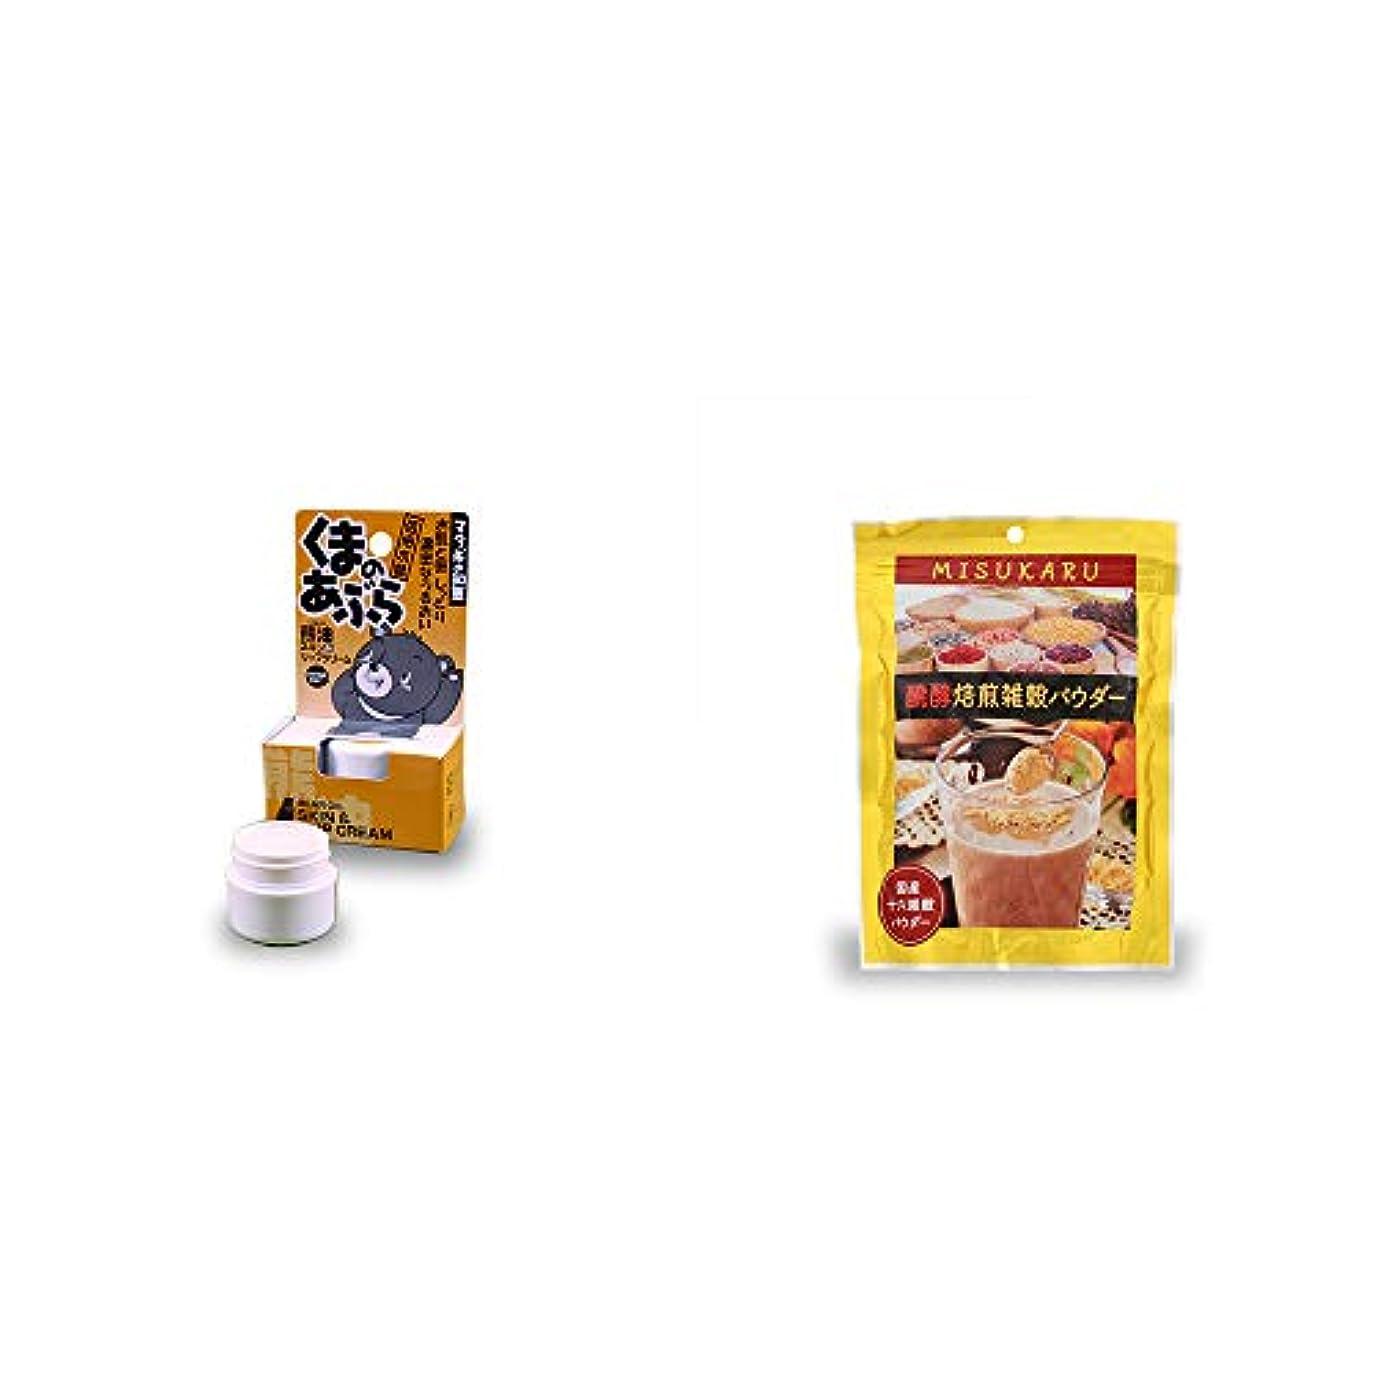 報酬のヒステリックコメンテーター[2点セット] 信州木曽 くまのあぶら 熊油スキン&リップクリーム(9g)?醗酵焙煎雑穀パウダー MISUKARU(ミスカル)(200g)